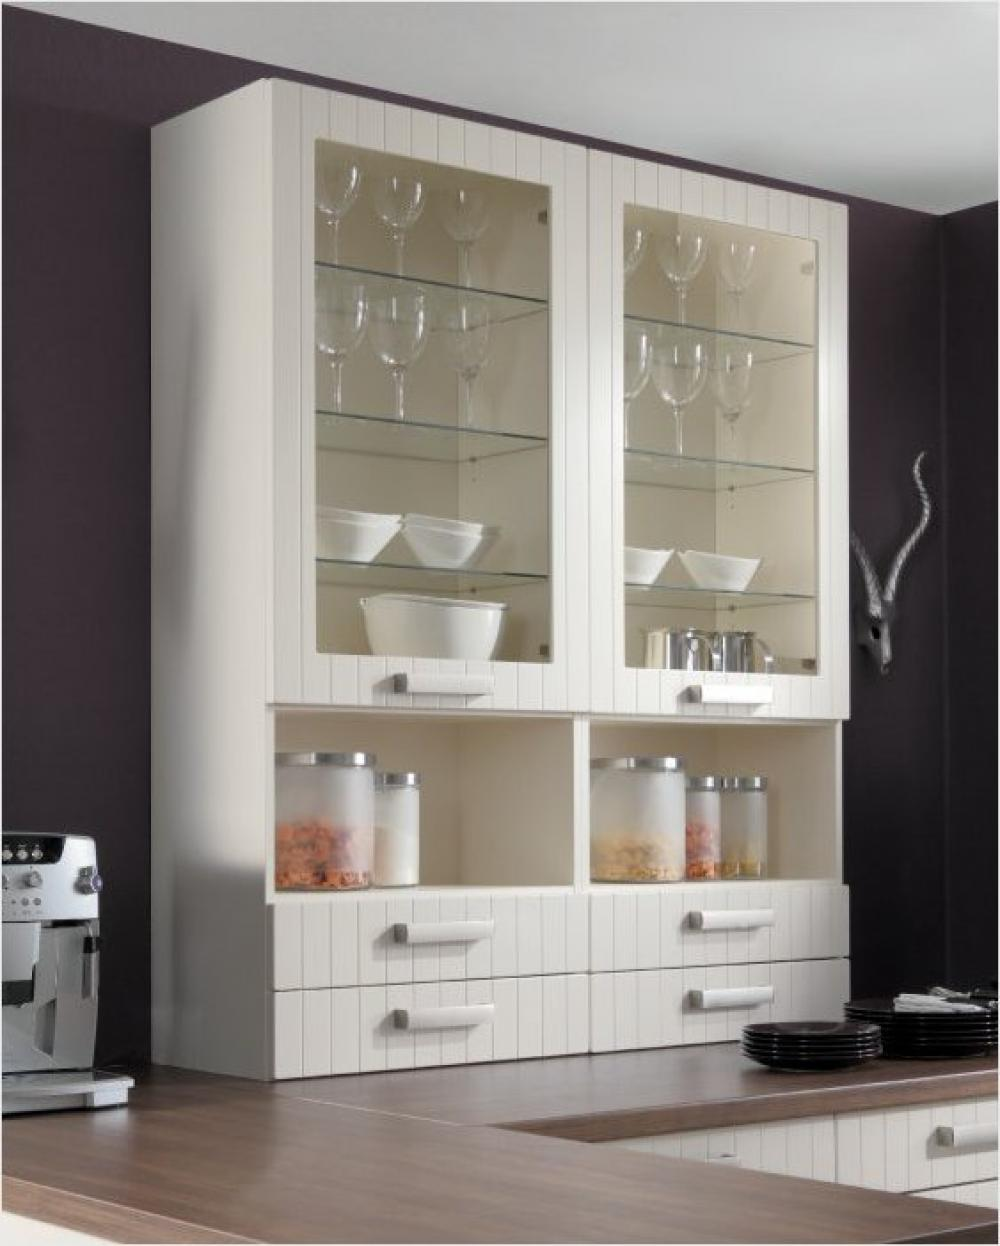 Küche in U-Form von Wellmann - erhältlich in Oederan